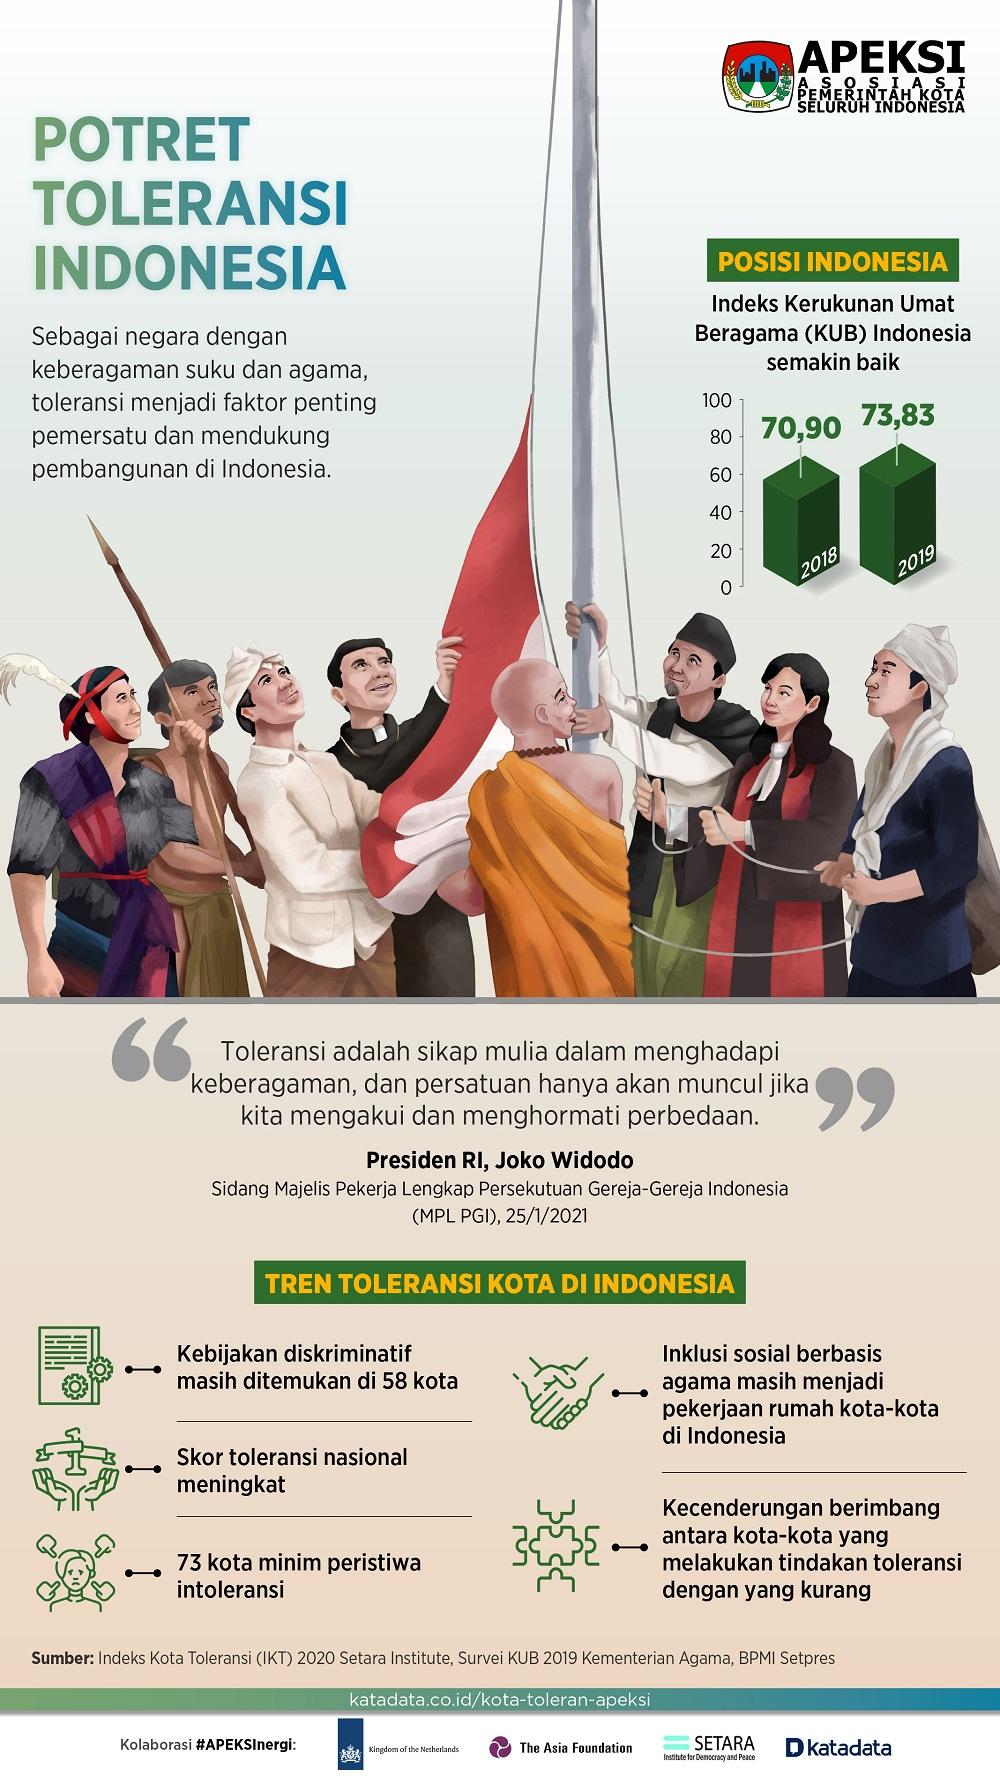 Infografik_Potret Keberagaman dan Toleransi di Indonesia